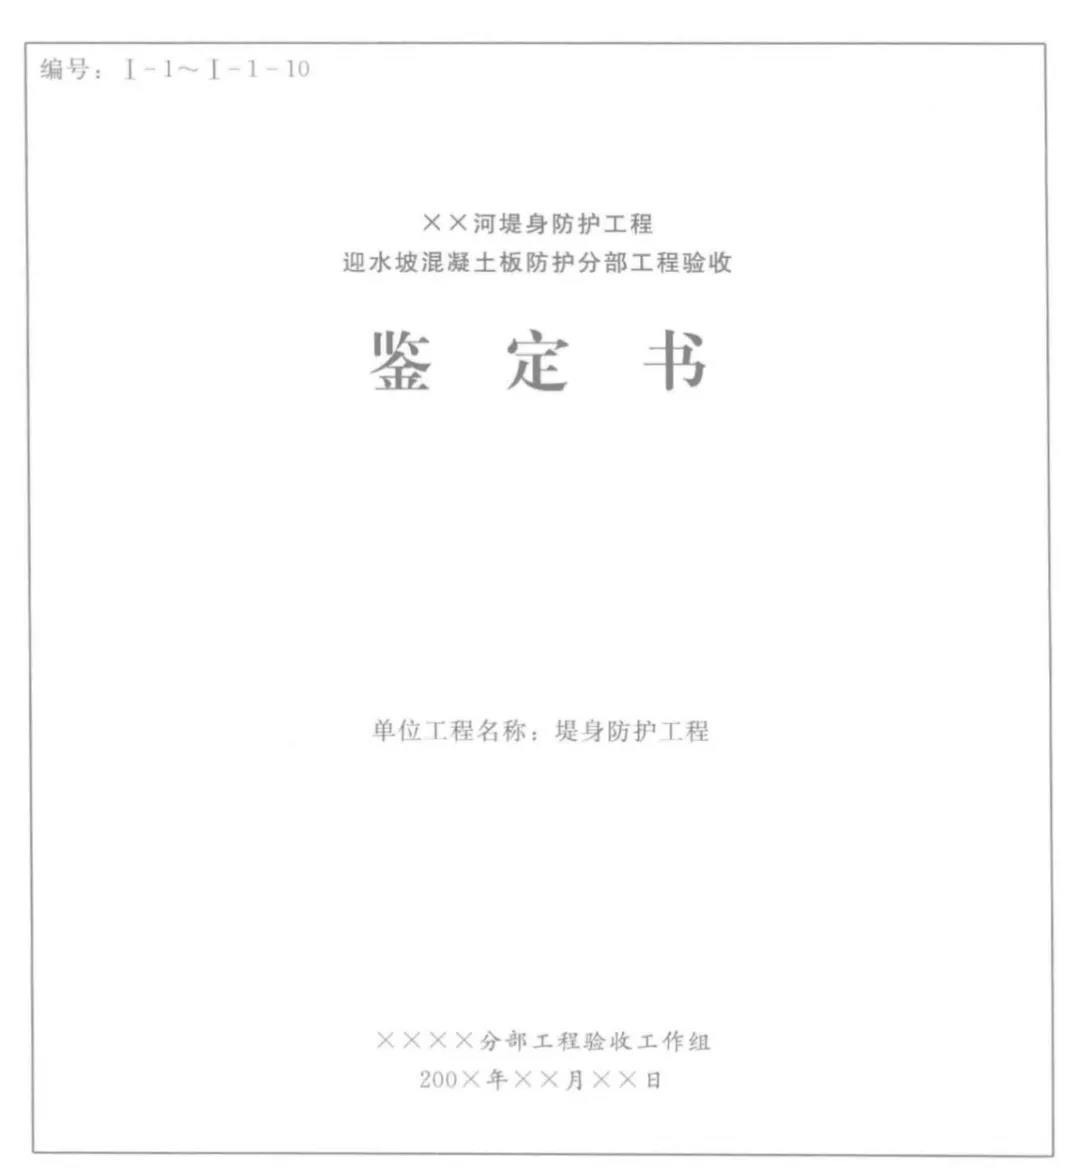 分部工程验收申请报告(样式)